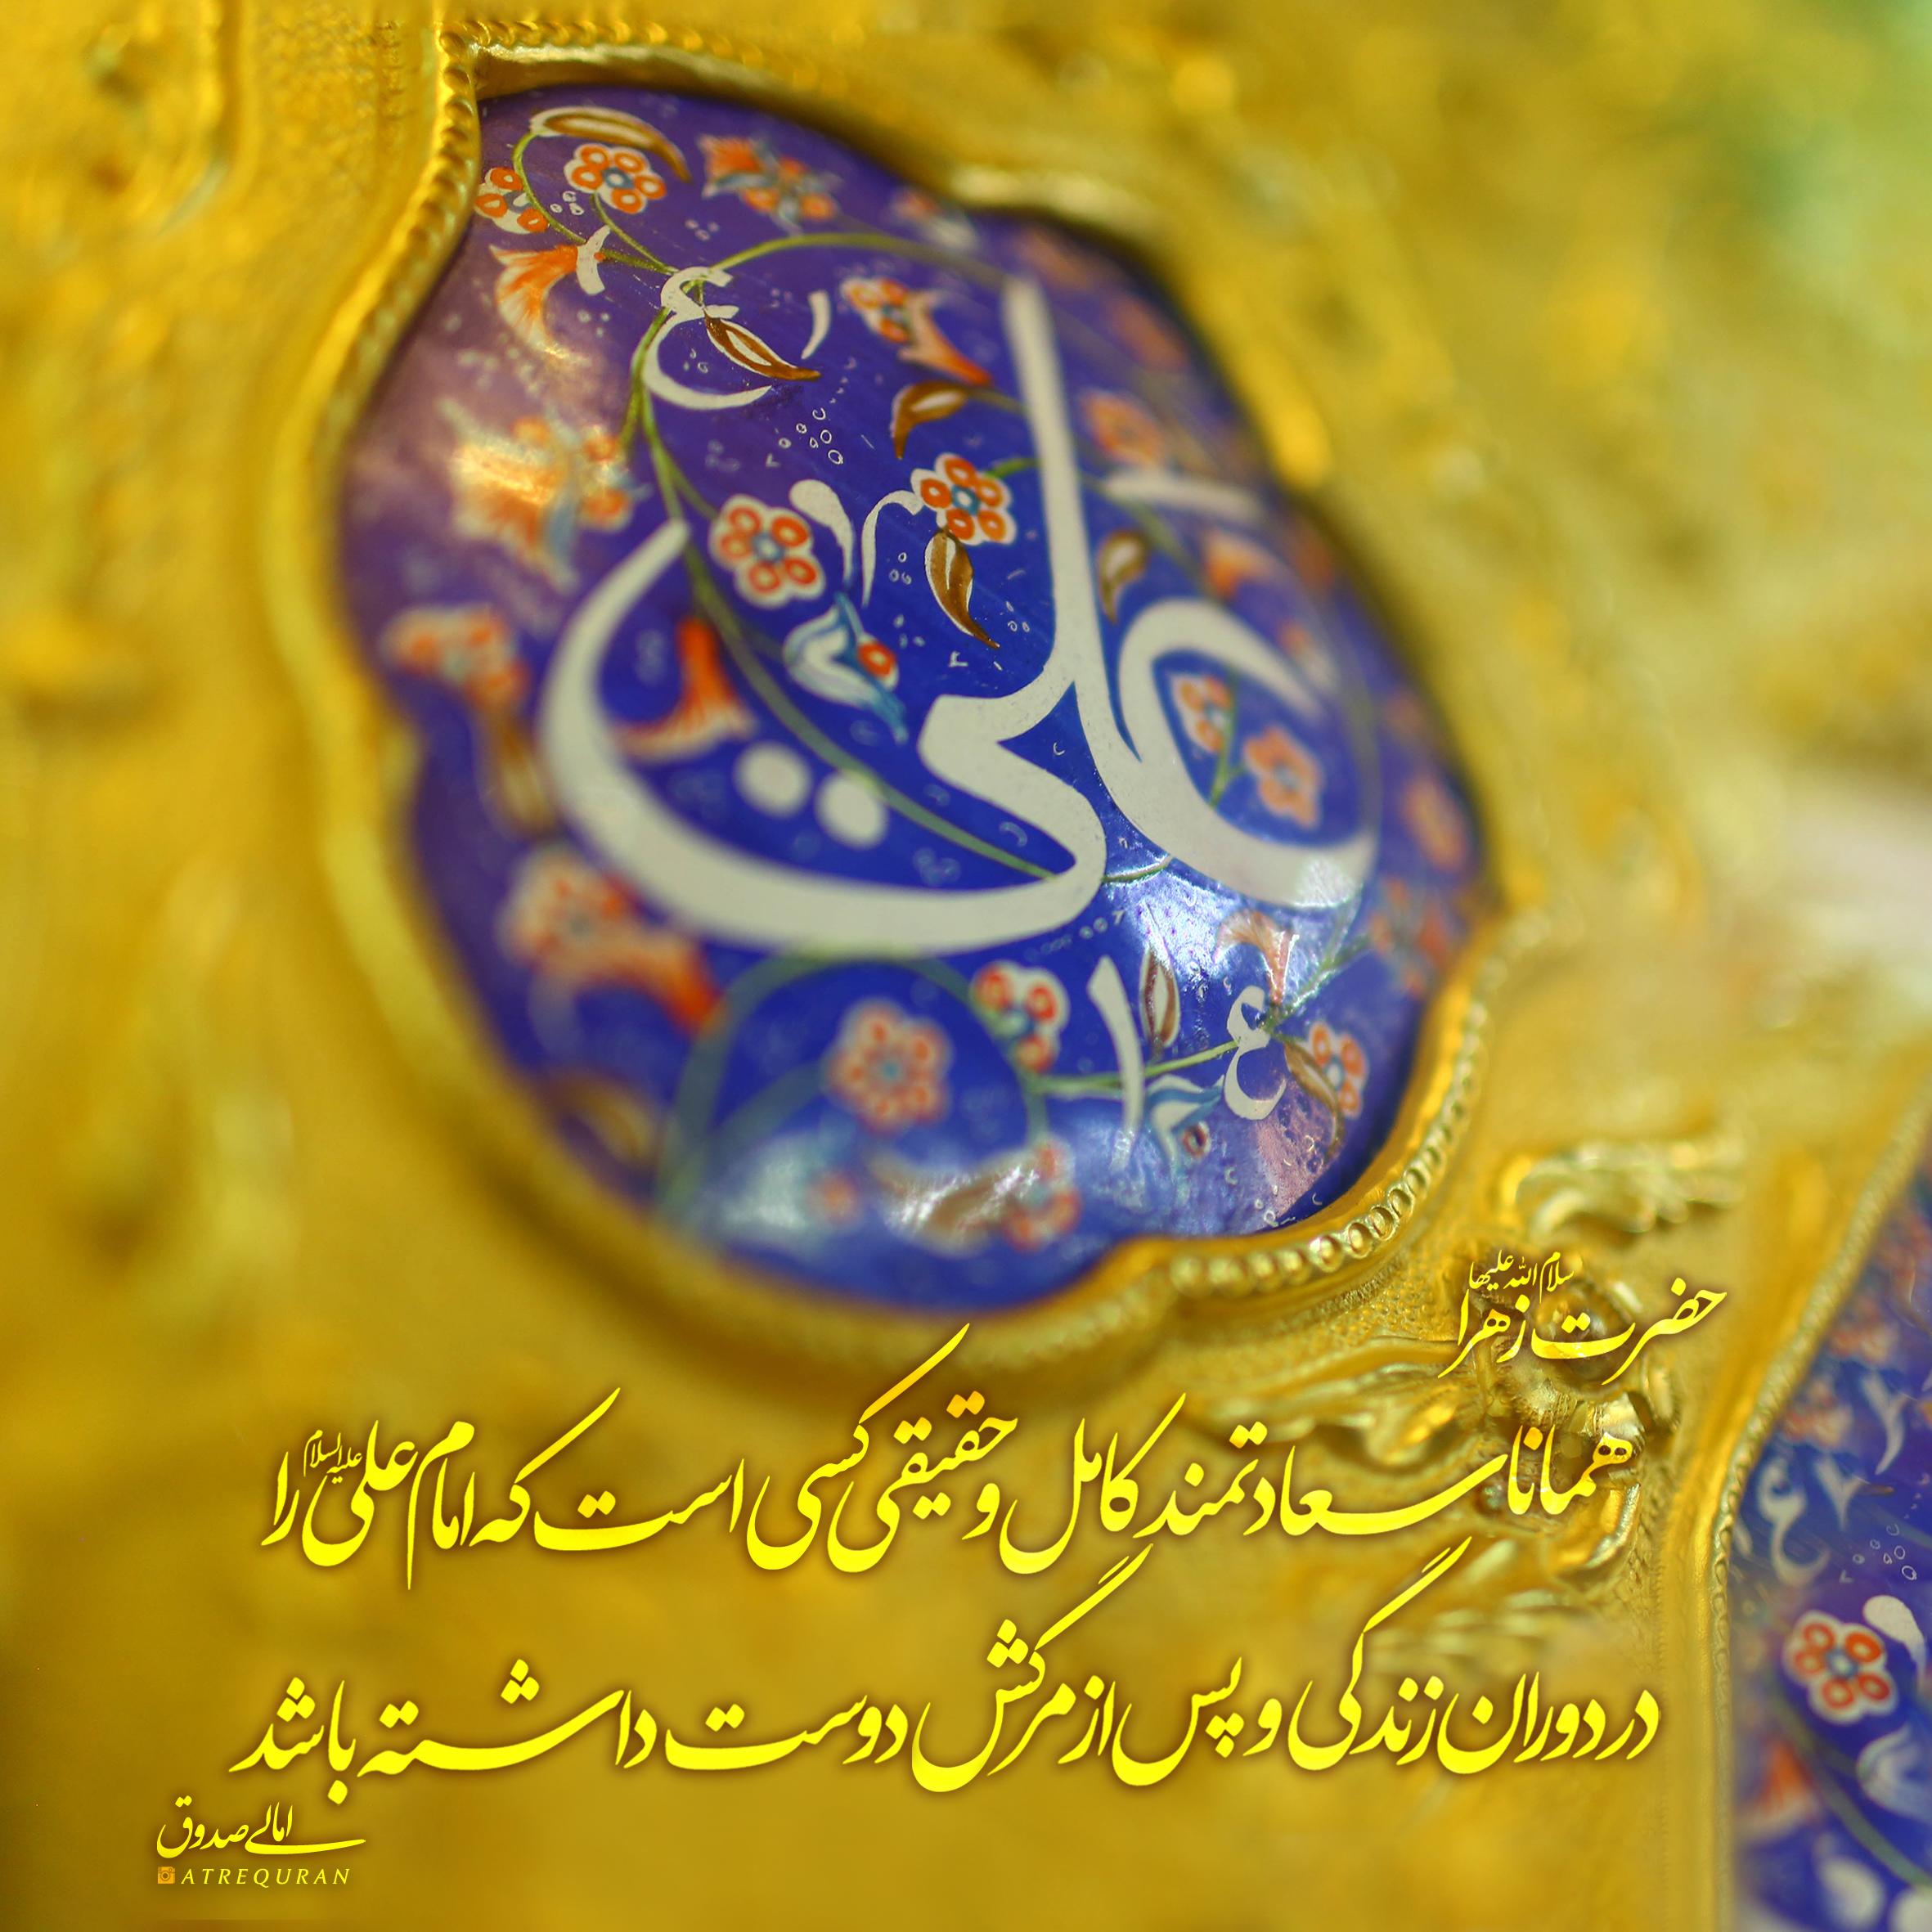 دوست داشتن امام علی ع